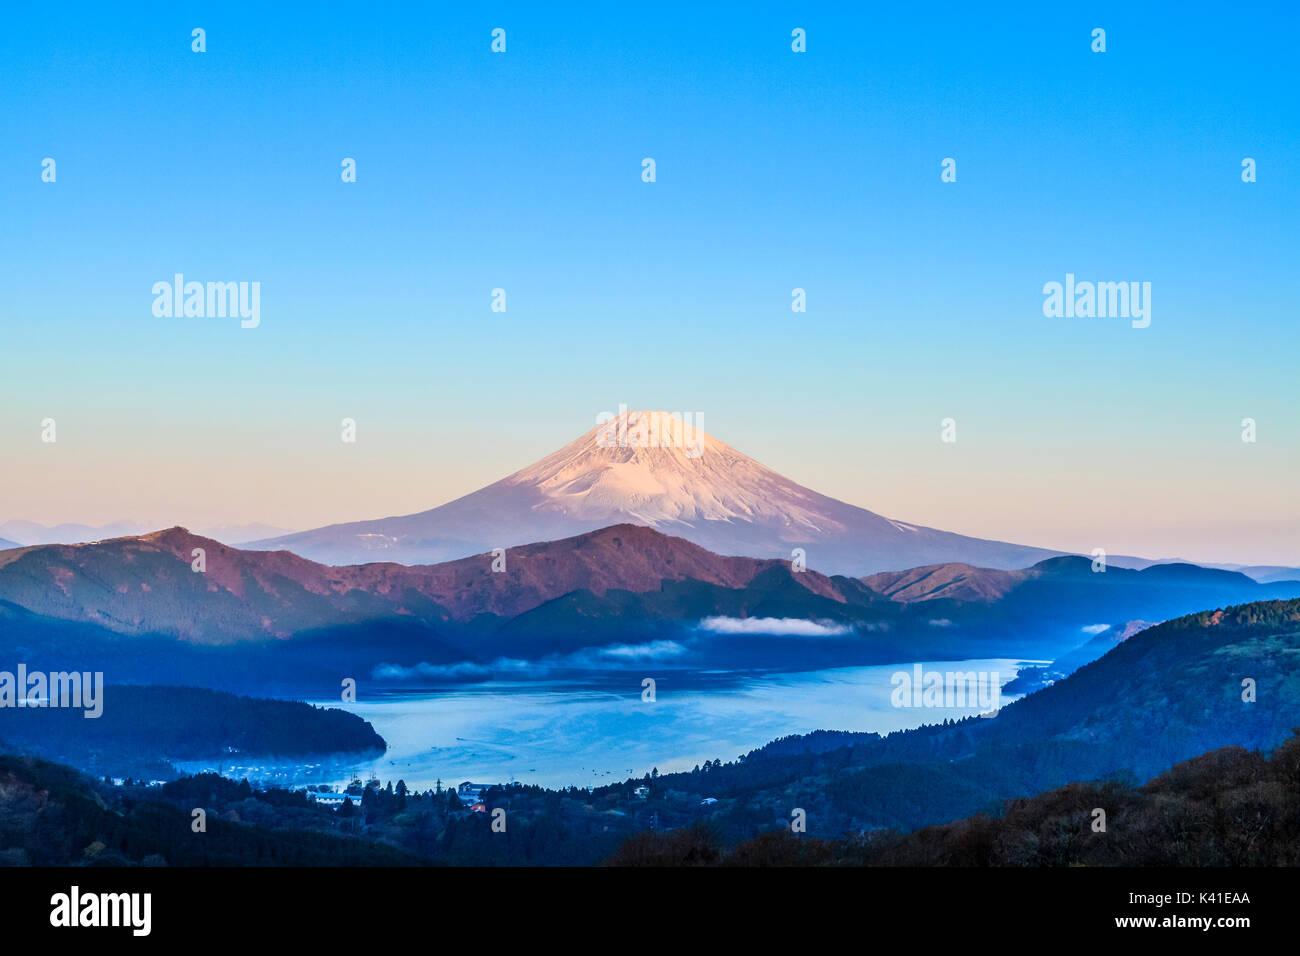 Mt.Fuji and Lake Ashinoko in Japan - Stock Image